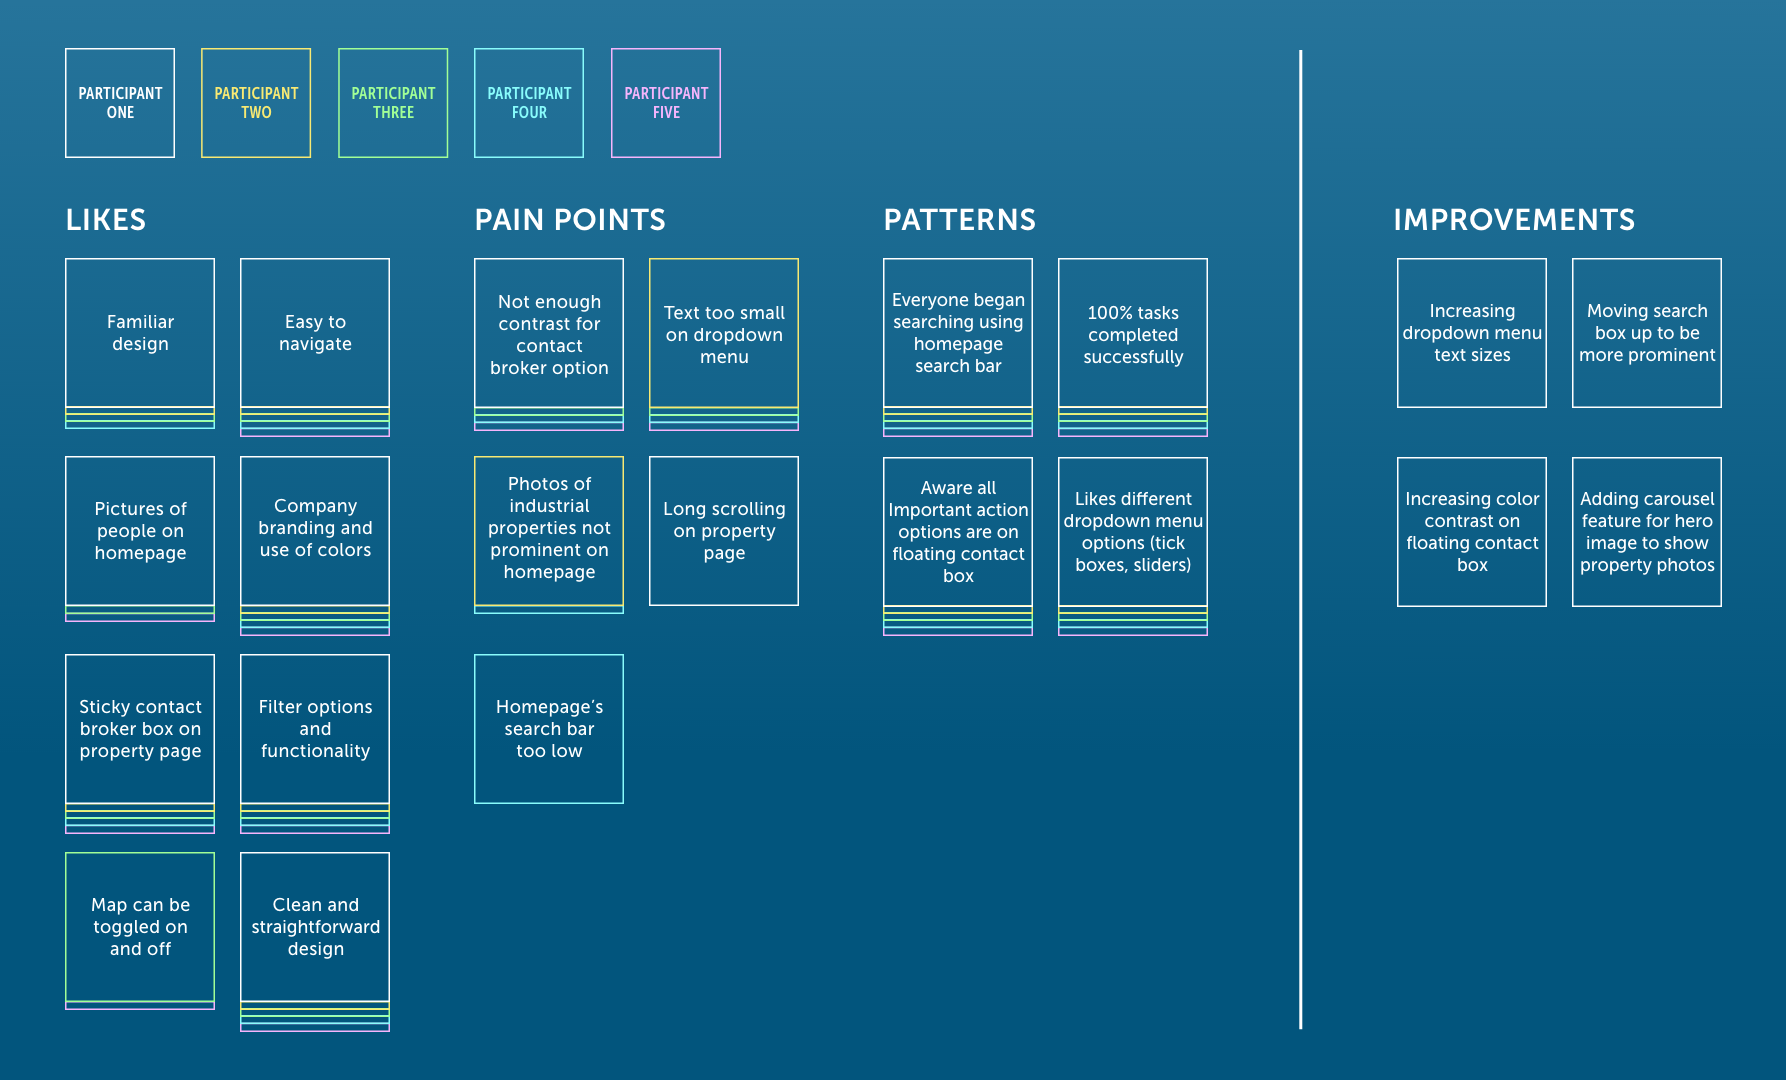 Affinity map per each participant's points